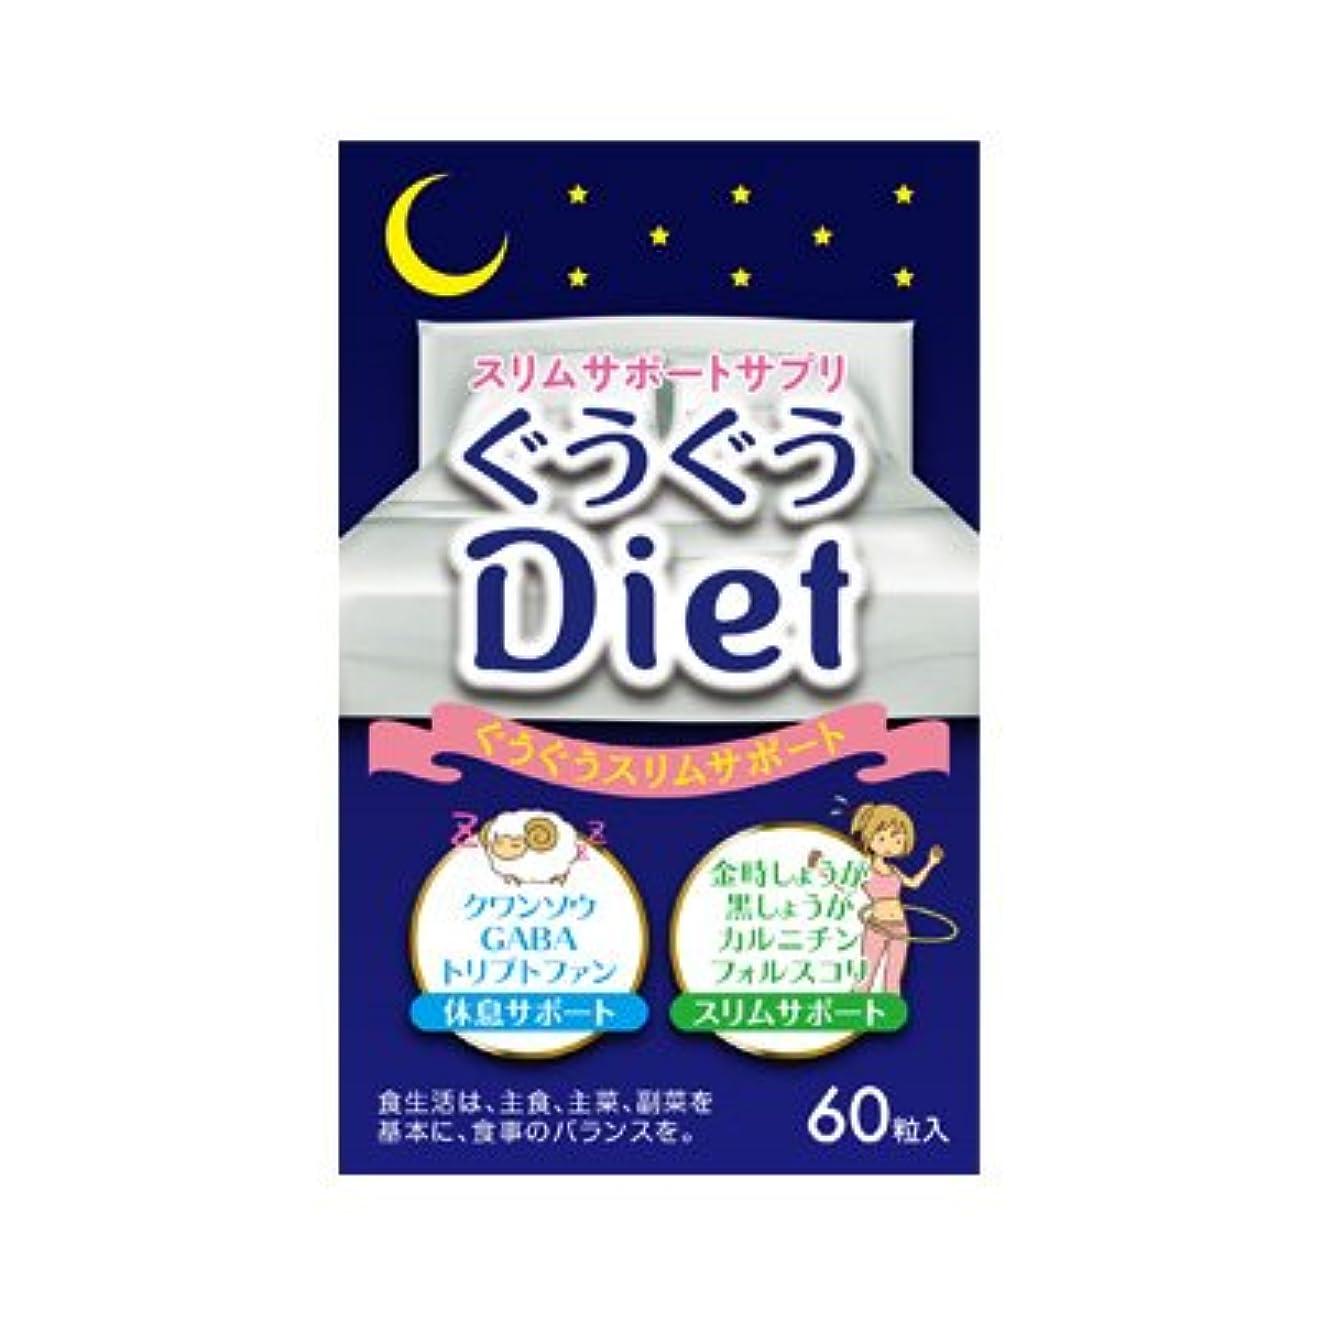 スクラブ塩辛い評価可能ぐうぐうdiet 60粒 ぐうぐうダイエット【グウグウダイエット】